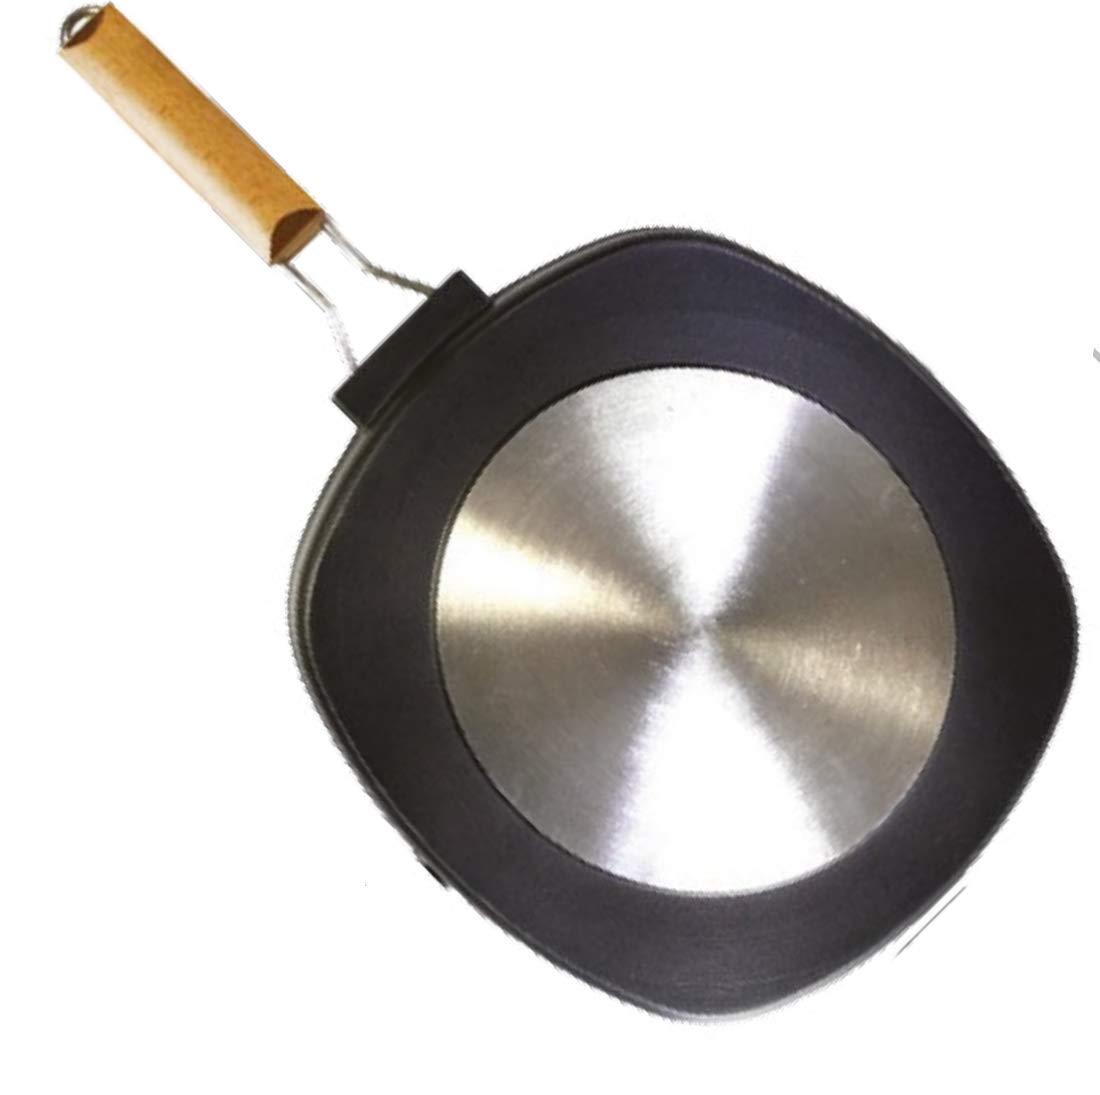 WeCook 11001 Sarten Grill Antiadherente Induccion Vitrocerámica y Fogón, Aluminio, 28 cm, Sin PFOA ni BPA: Amazon.es: Hogar